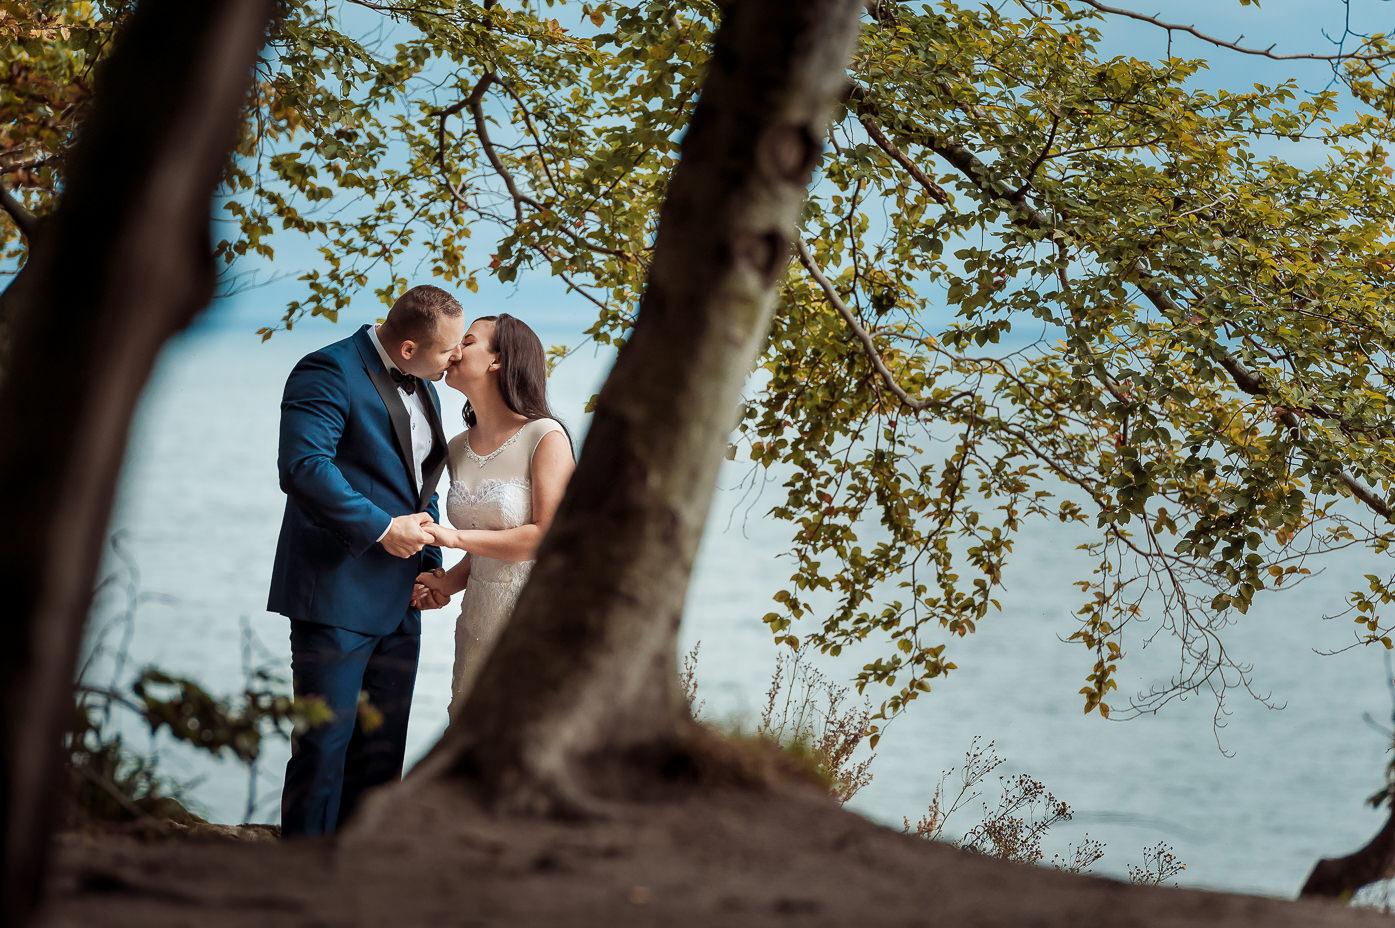 Fotograf ślubny Trójmiasto - zapadające w pamięć zdjęcia ślubne w Trójmieście i okolicach